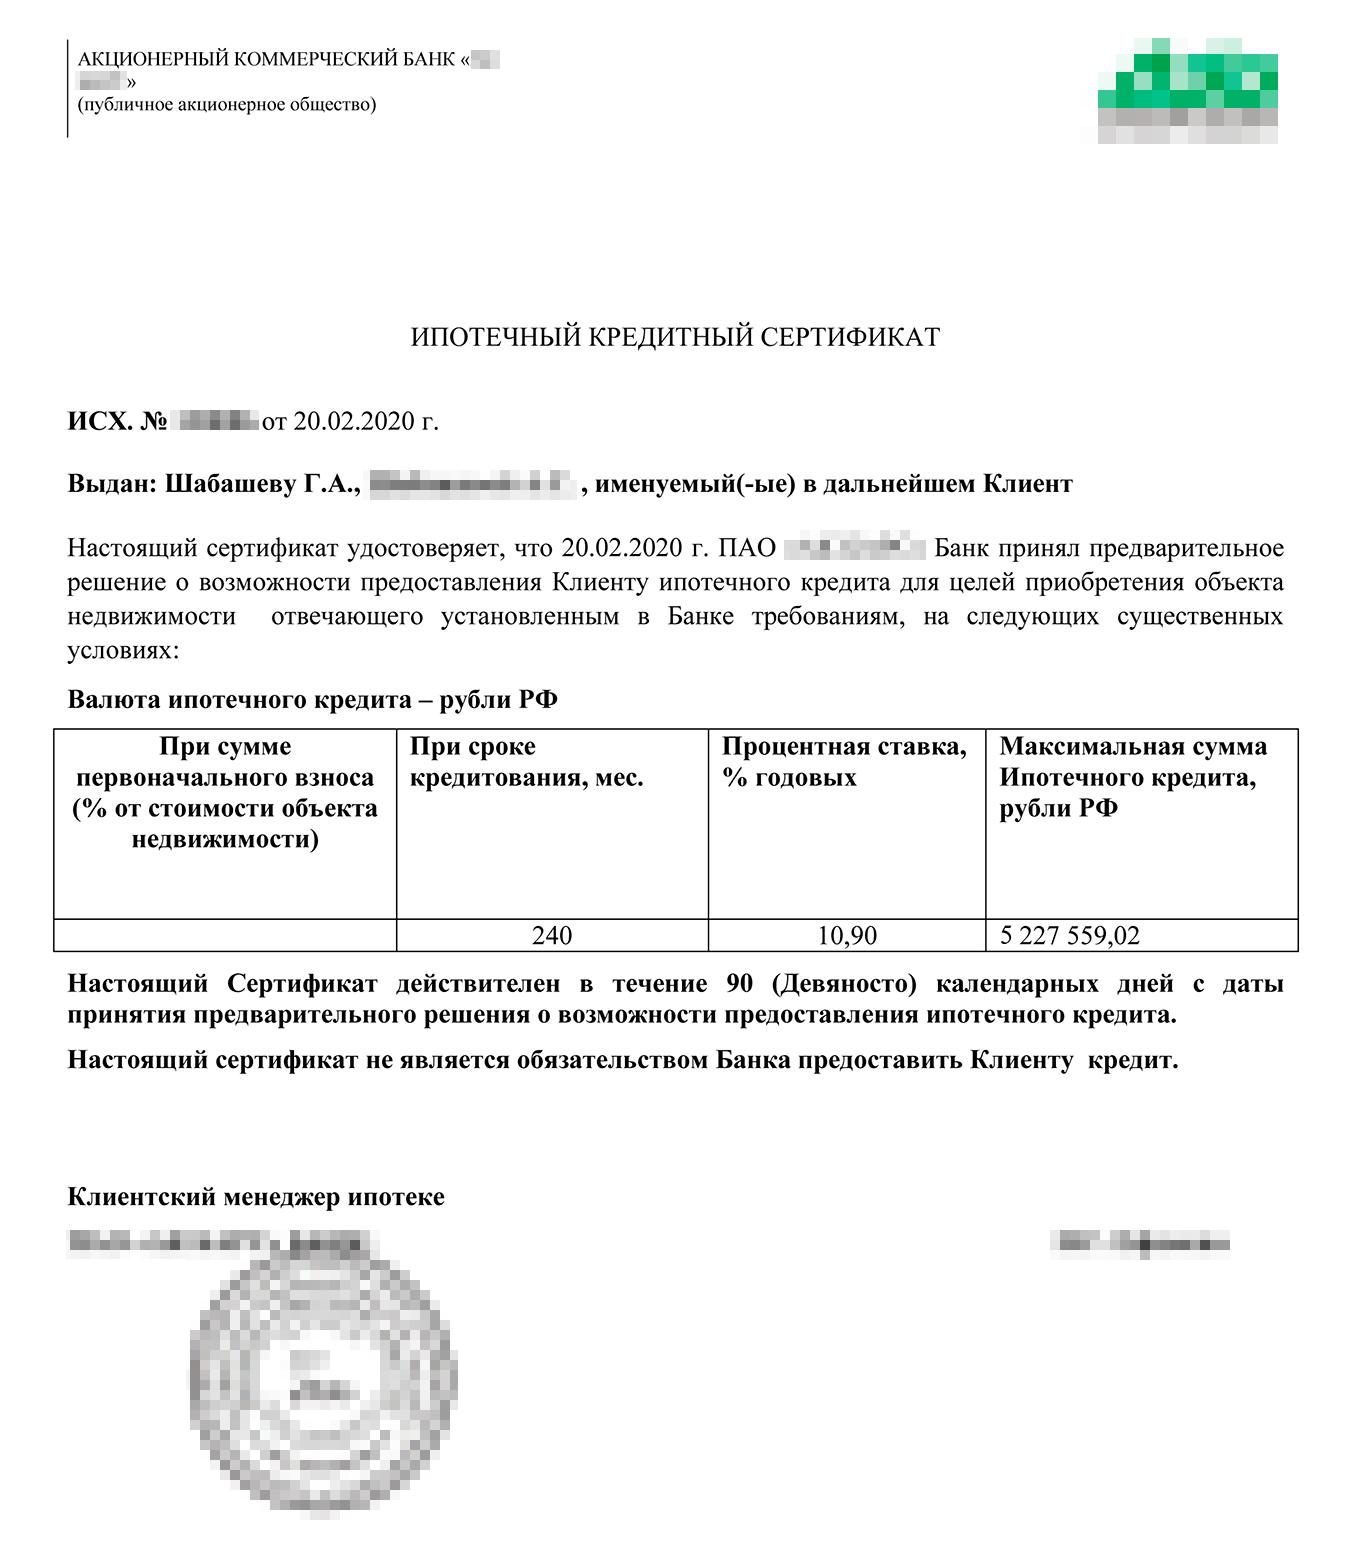 После одобрения банк прислал сертификат на оформление ипотеки. Ставка указана на период до регистрации ипотеки. Снижение ставки указано в кредитном договоре